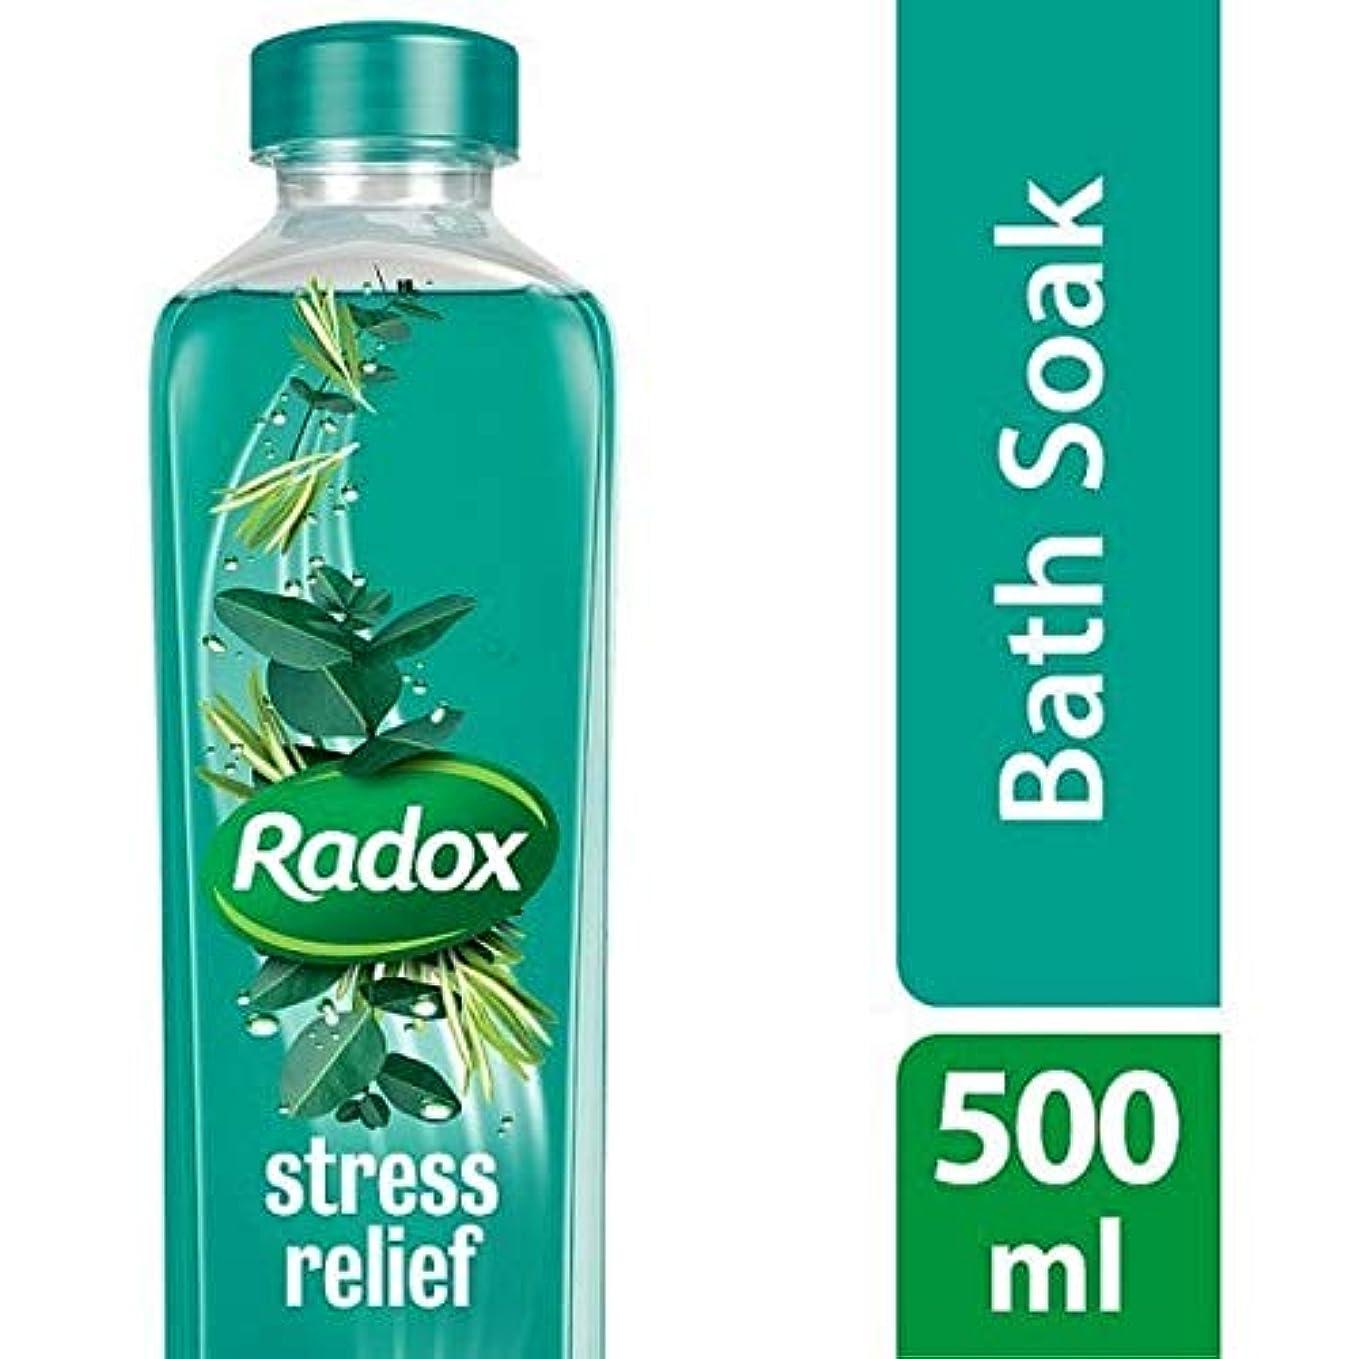 直感顕微鏡パッケージ[Radox] Radoxは、500ミリリットルのソーク良い香りストレスリリーフ風呂を感じます - Radox Feel Good Fragrance Stress Relief Bath Soak 500ml [並行輸入品]